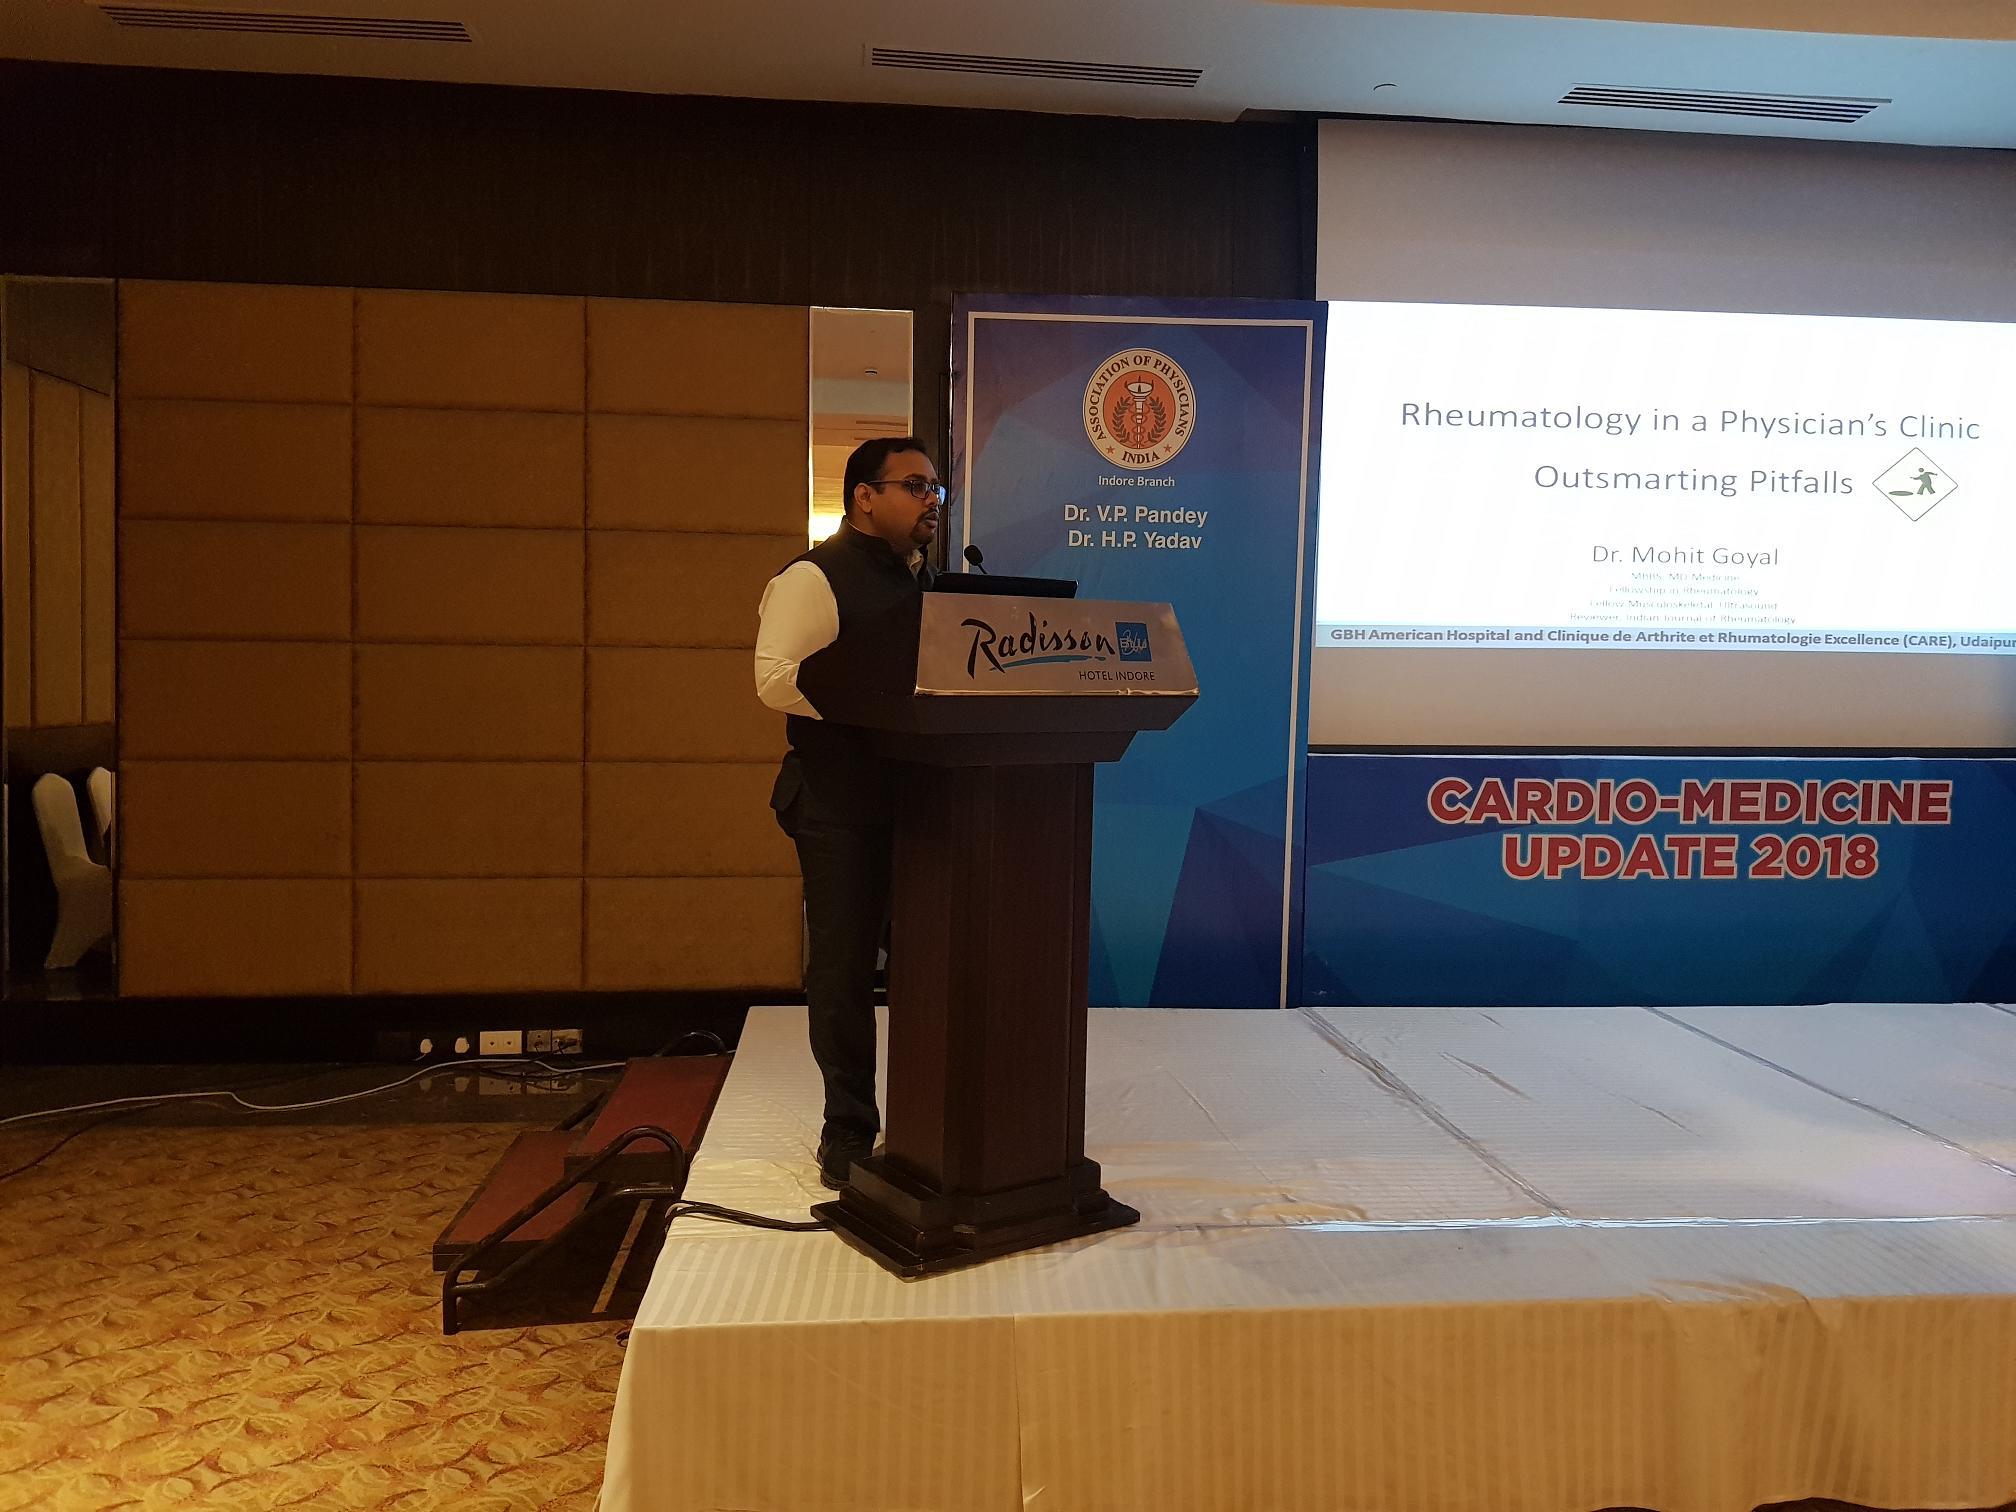 गठिया रोग पर डॉ. मोहित ने इंदौर में दिया व्याख्यान